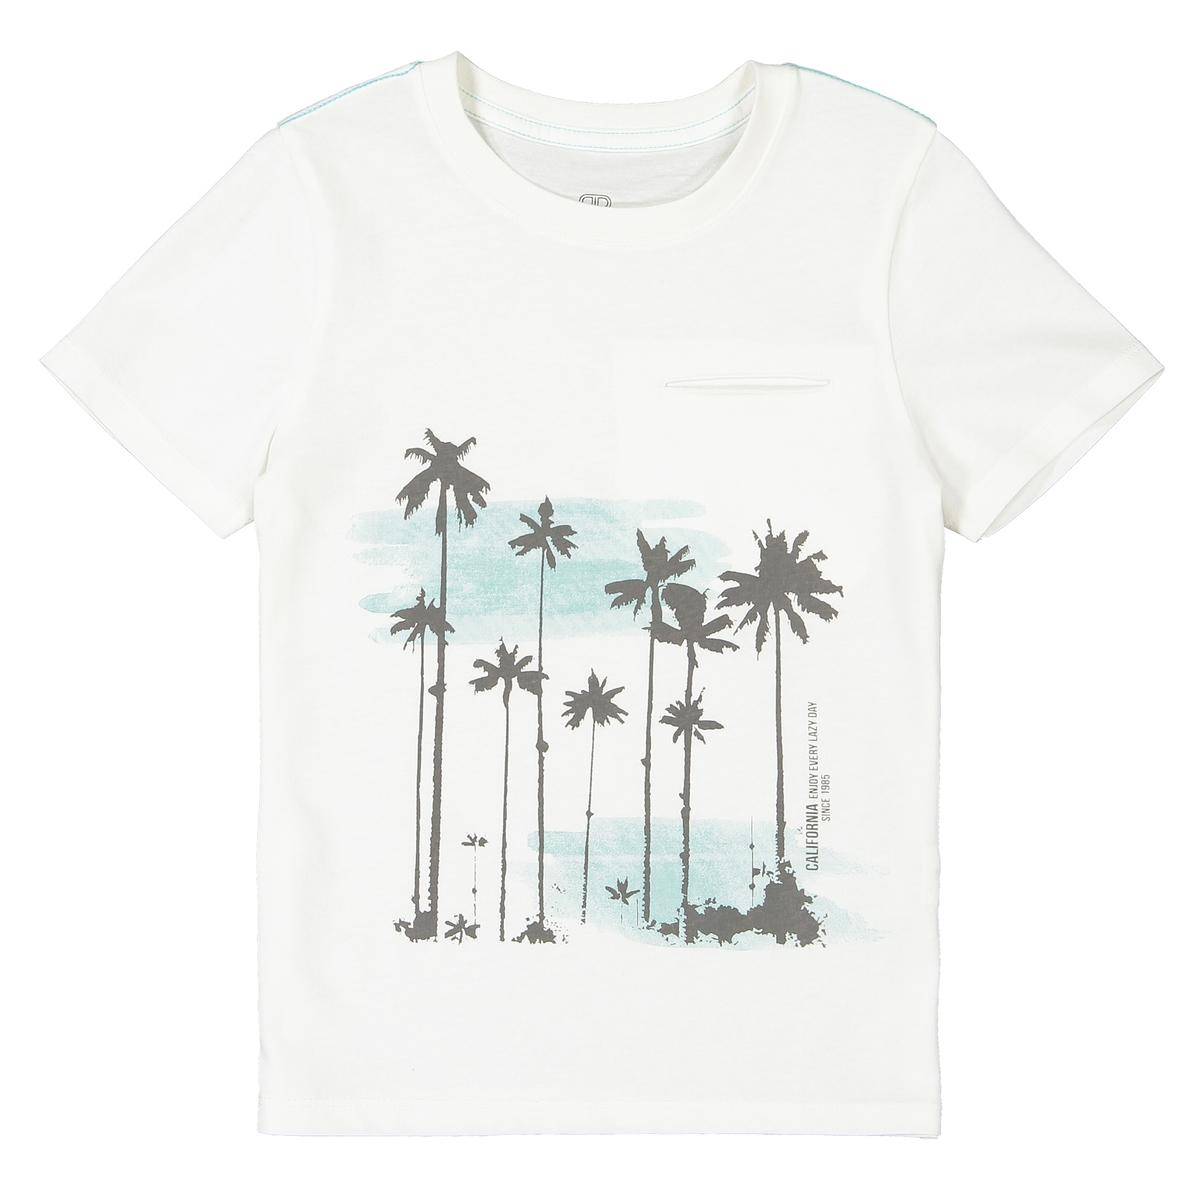 T-shirt de gola redonda, motivo palmeiras, 3-12 anos